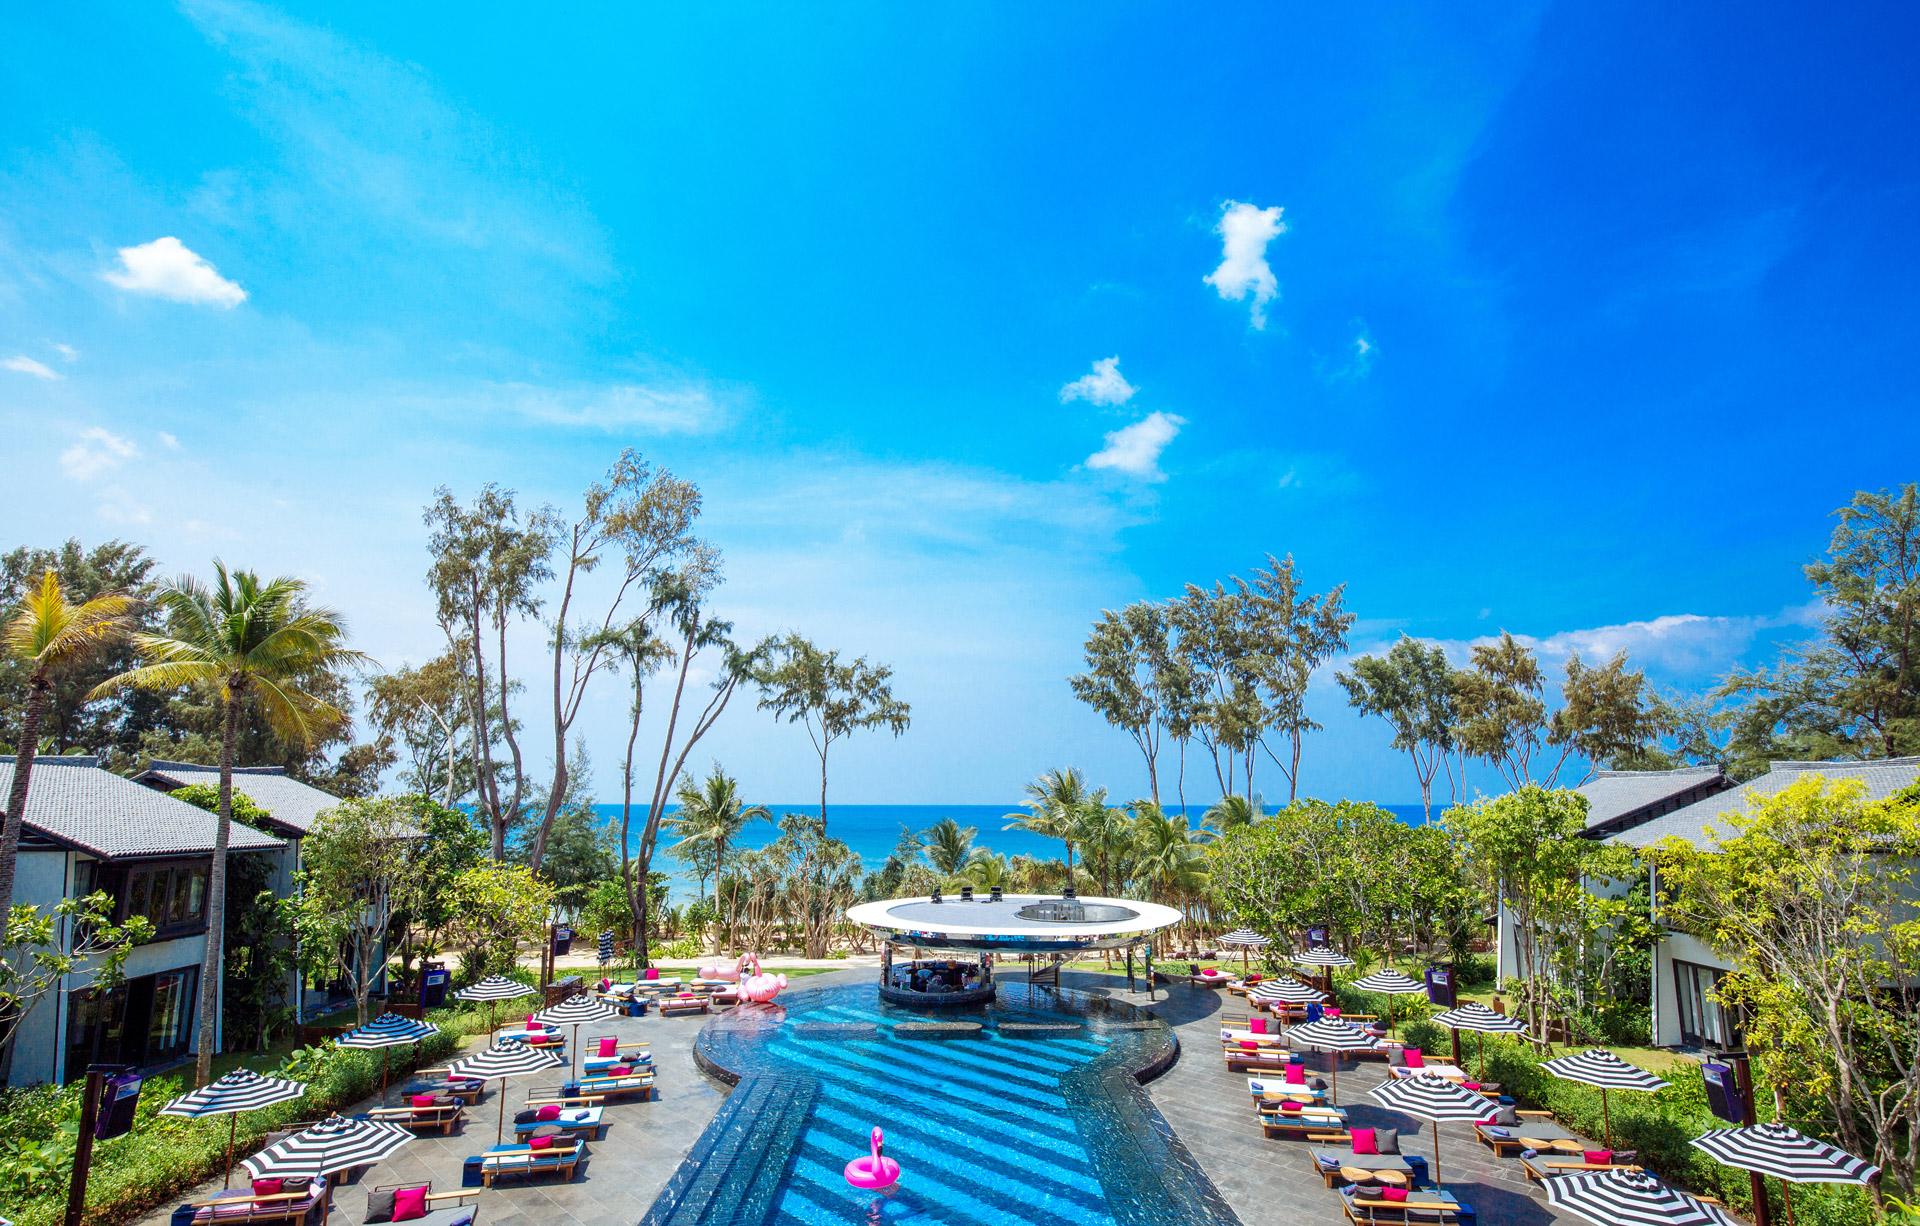 Luxury Beach Club Hotel Phuket Natai Beachfront Pool